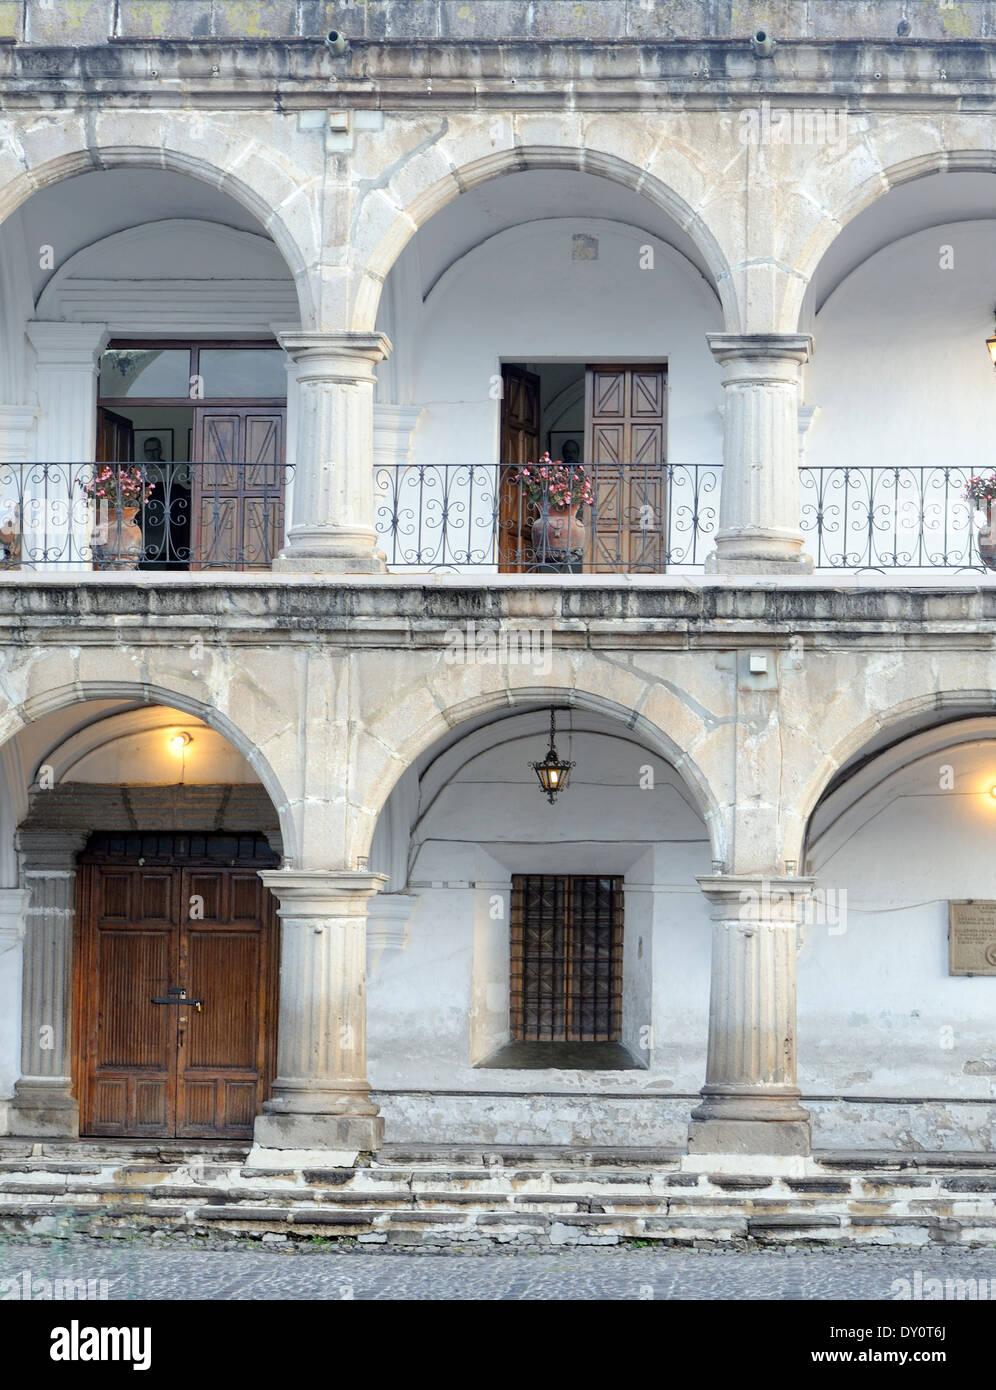 Les colonnades en pierre solide du 18e siècle, el Ayuntamiento, à l'hôtel de ville, en s'appuyant sur le côté nord du Parque Central. Photo Stock